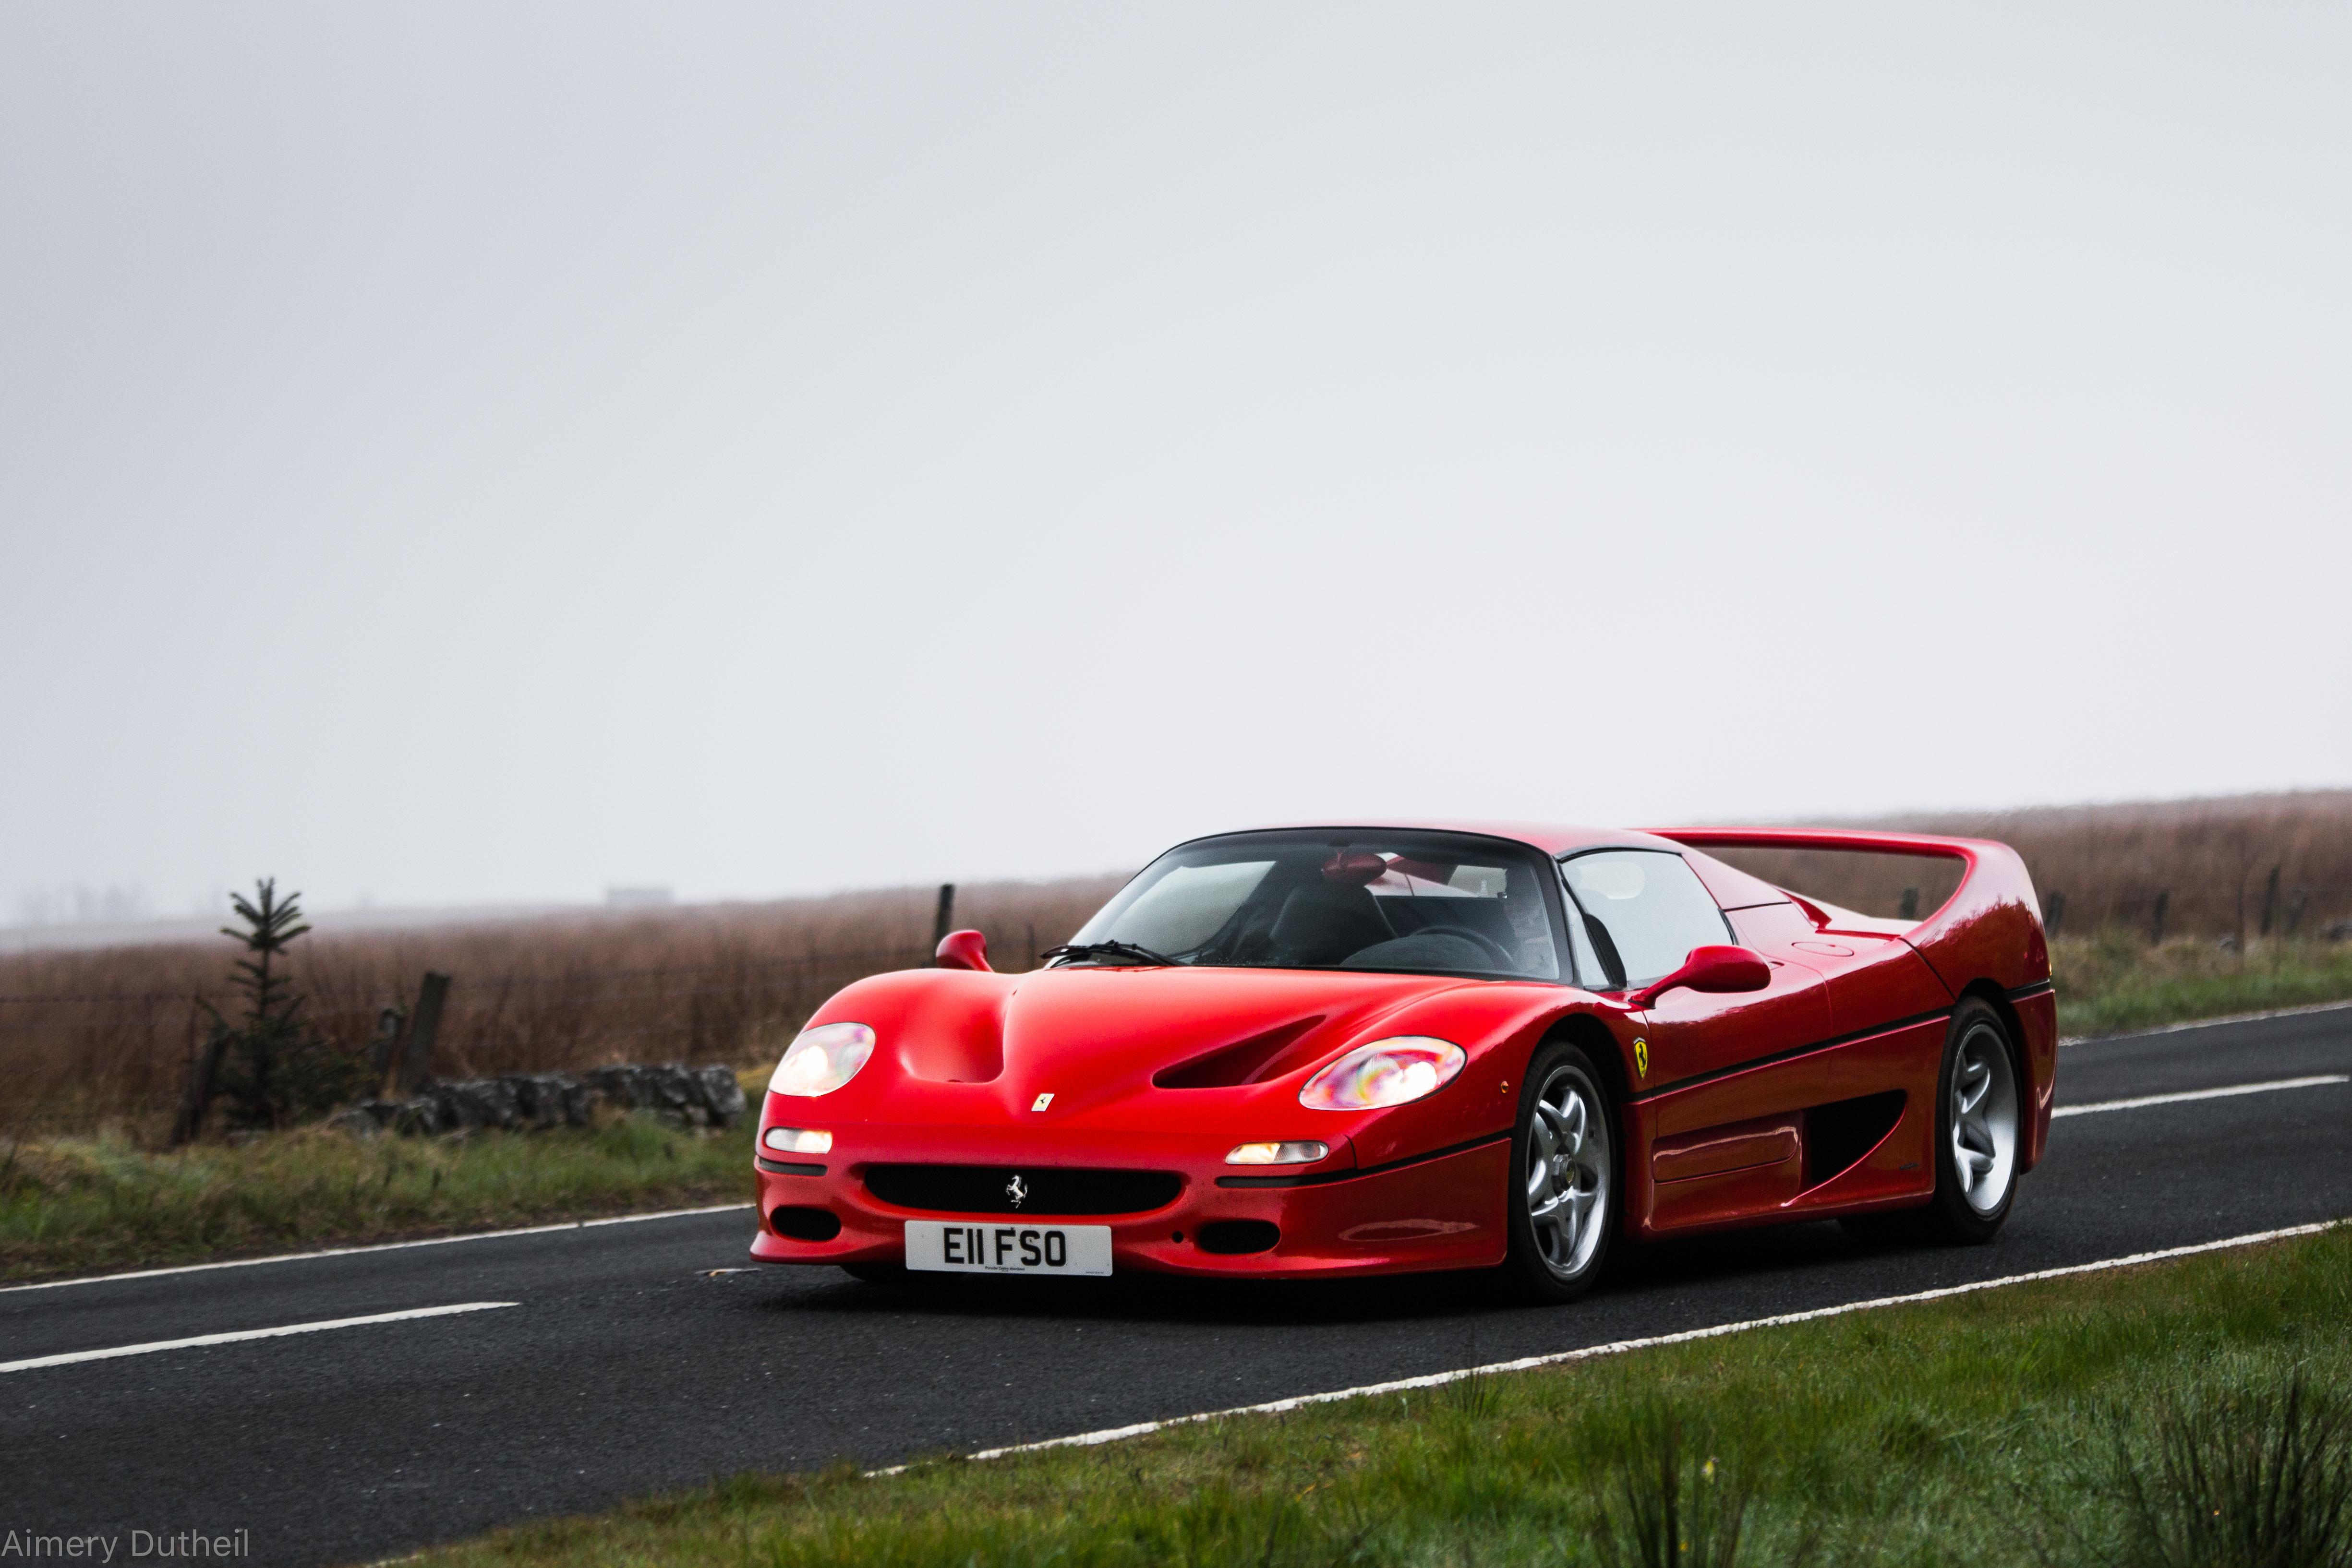 13+ Ferrari F50 Hd Wallpaper  Images